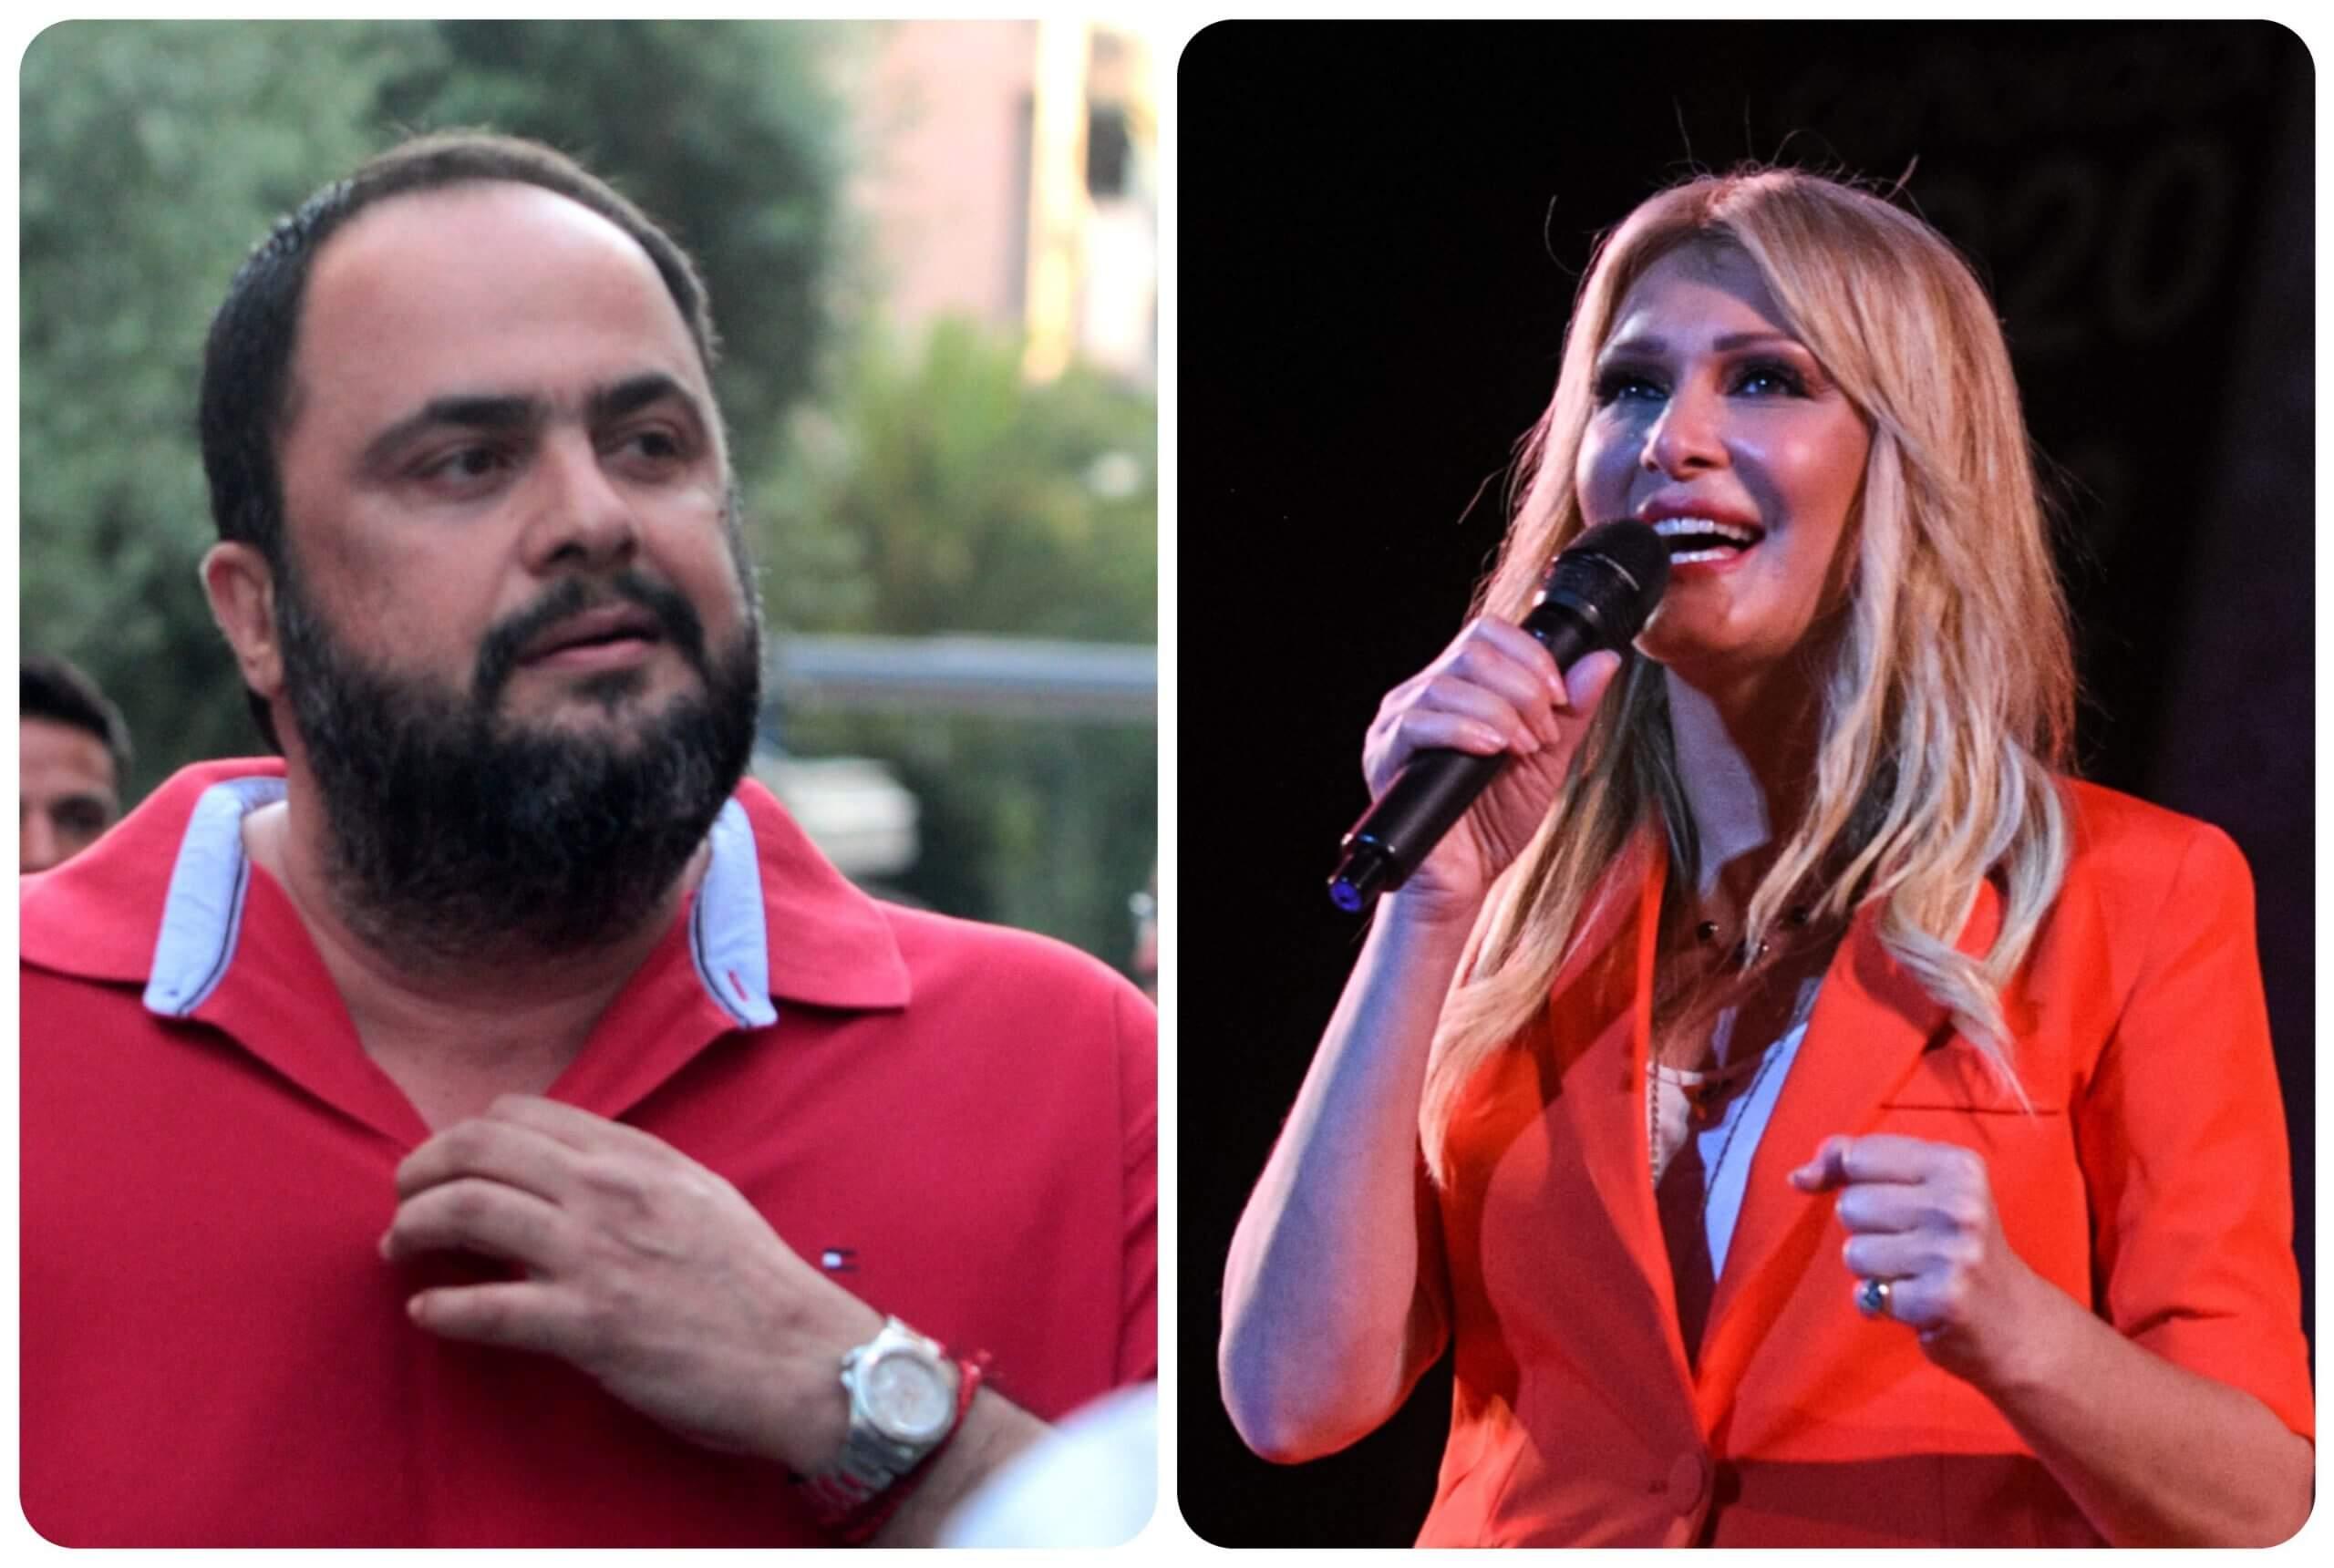 Ο Βαγγέλης Μαρινάκης υπογράφει το νέο τραγούδι της Νατάσας Θεοδωρίδου